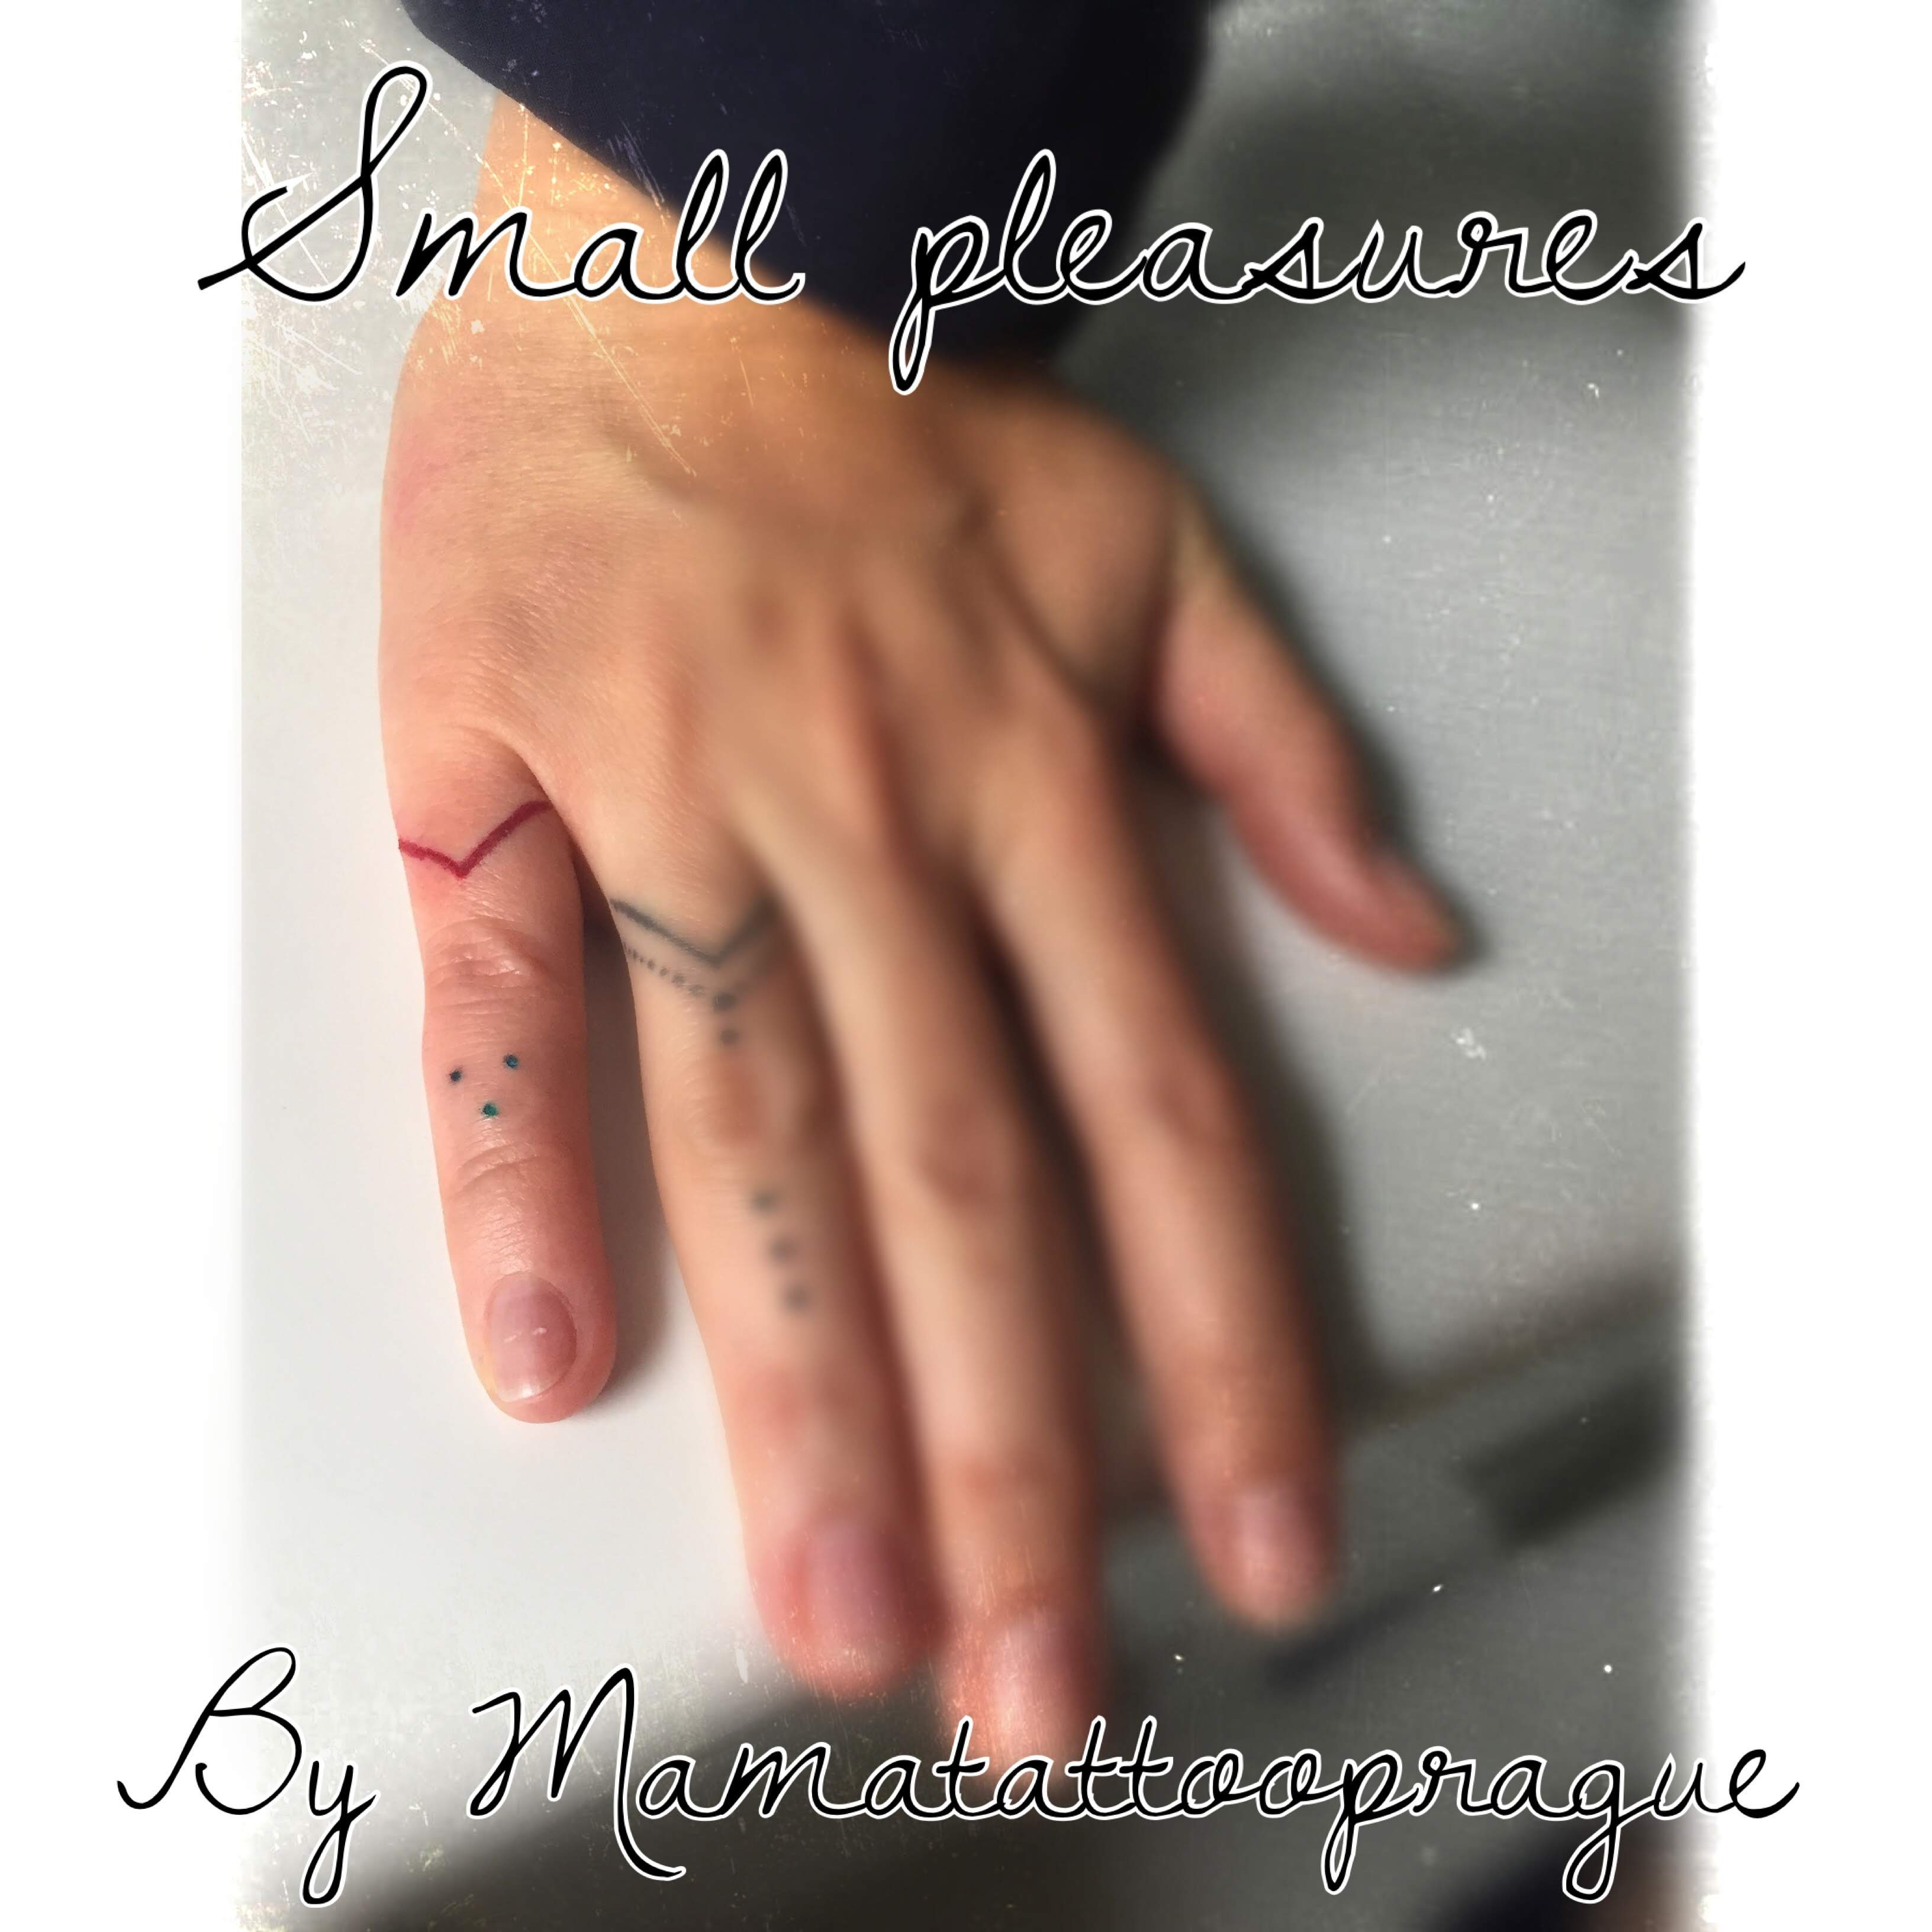 tattoo prstynky